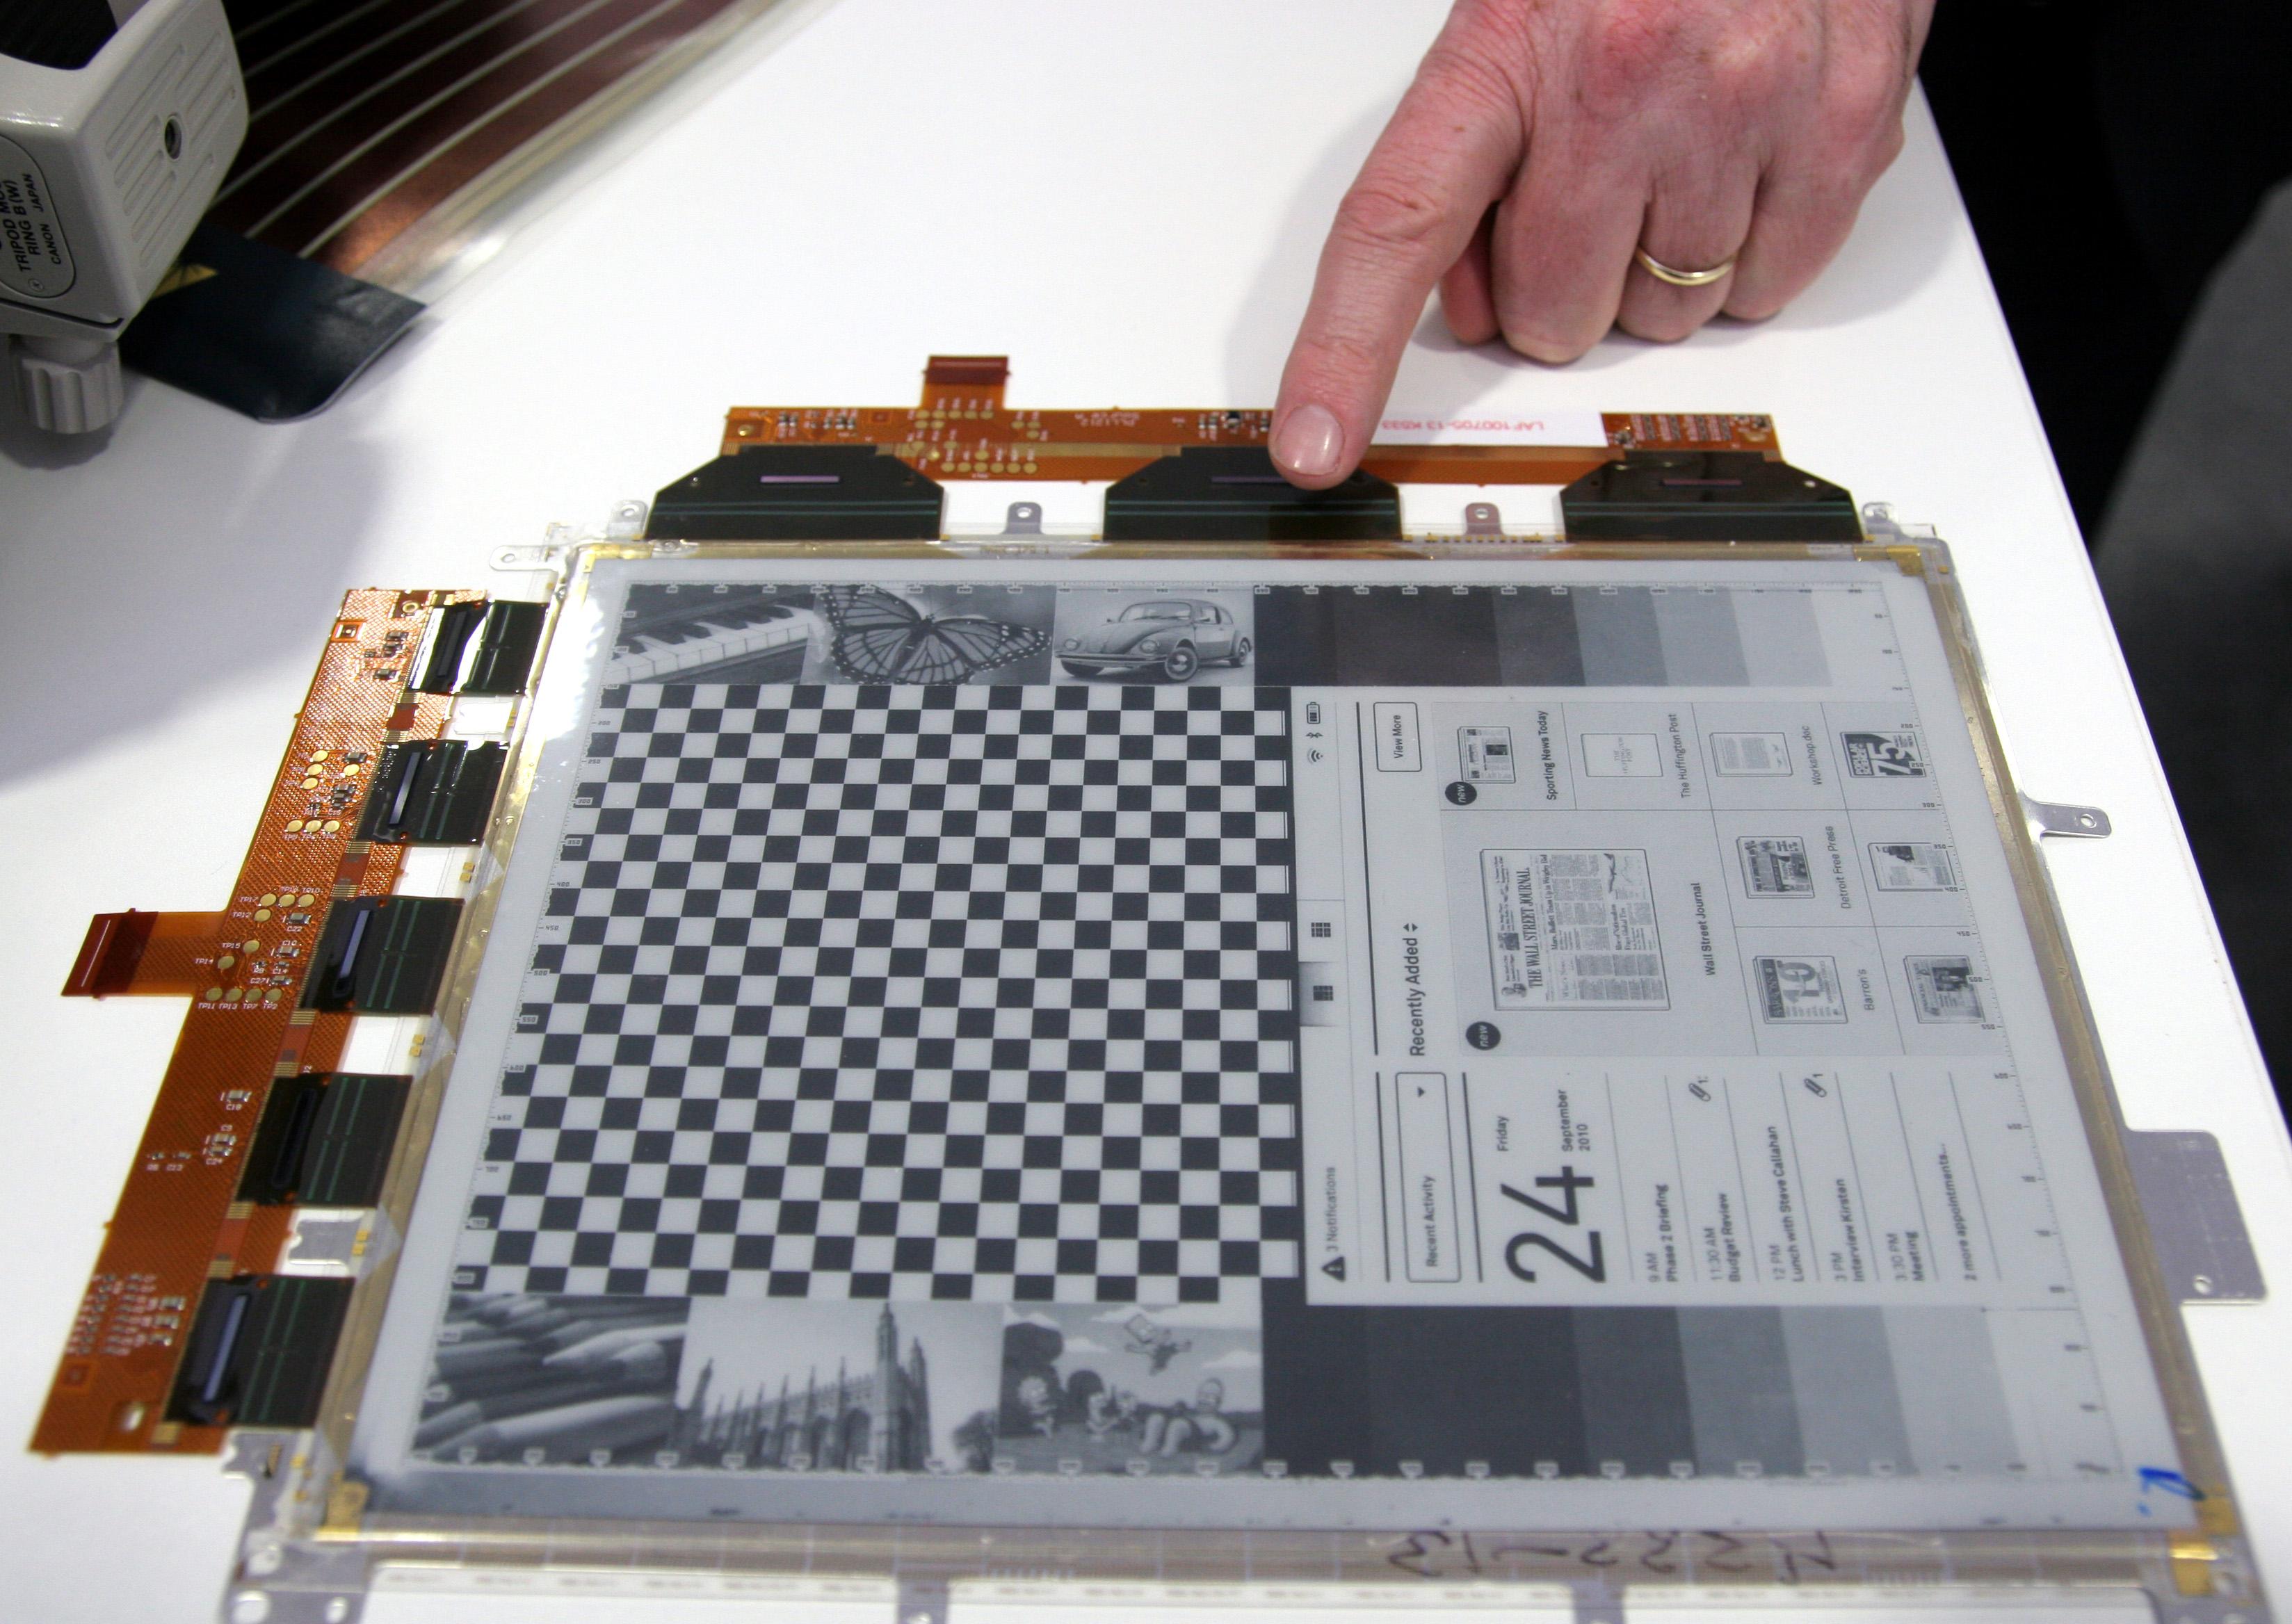 전자잉크(E-ink)를 이용한 전자종이(E-paper)